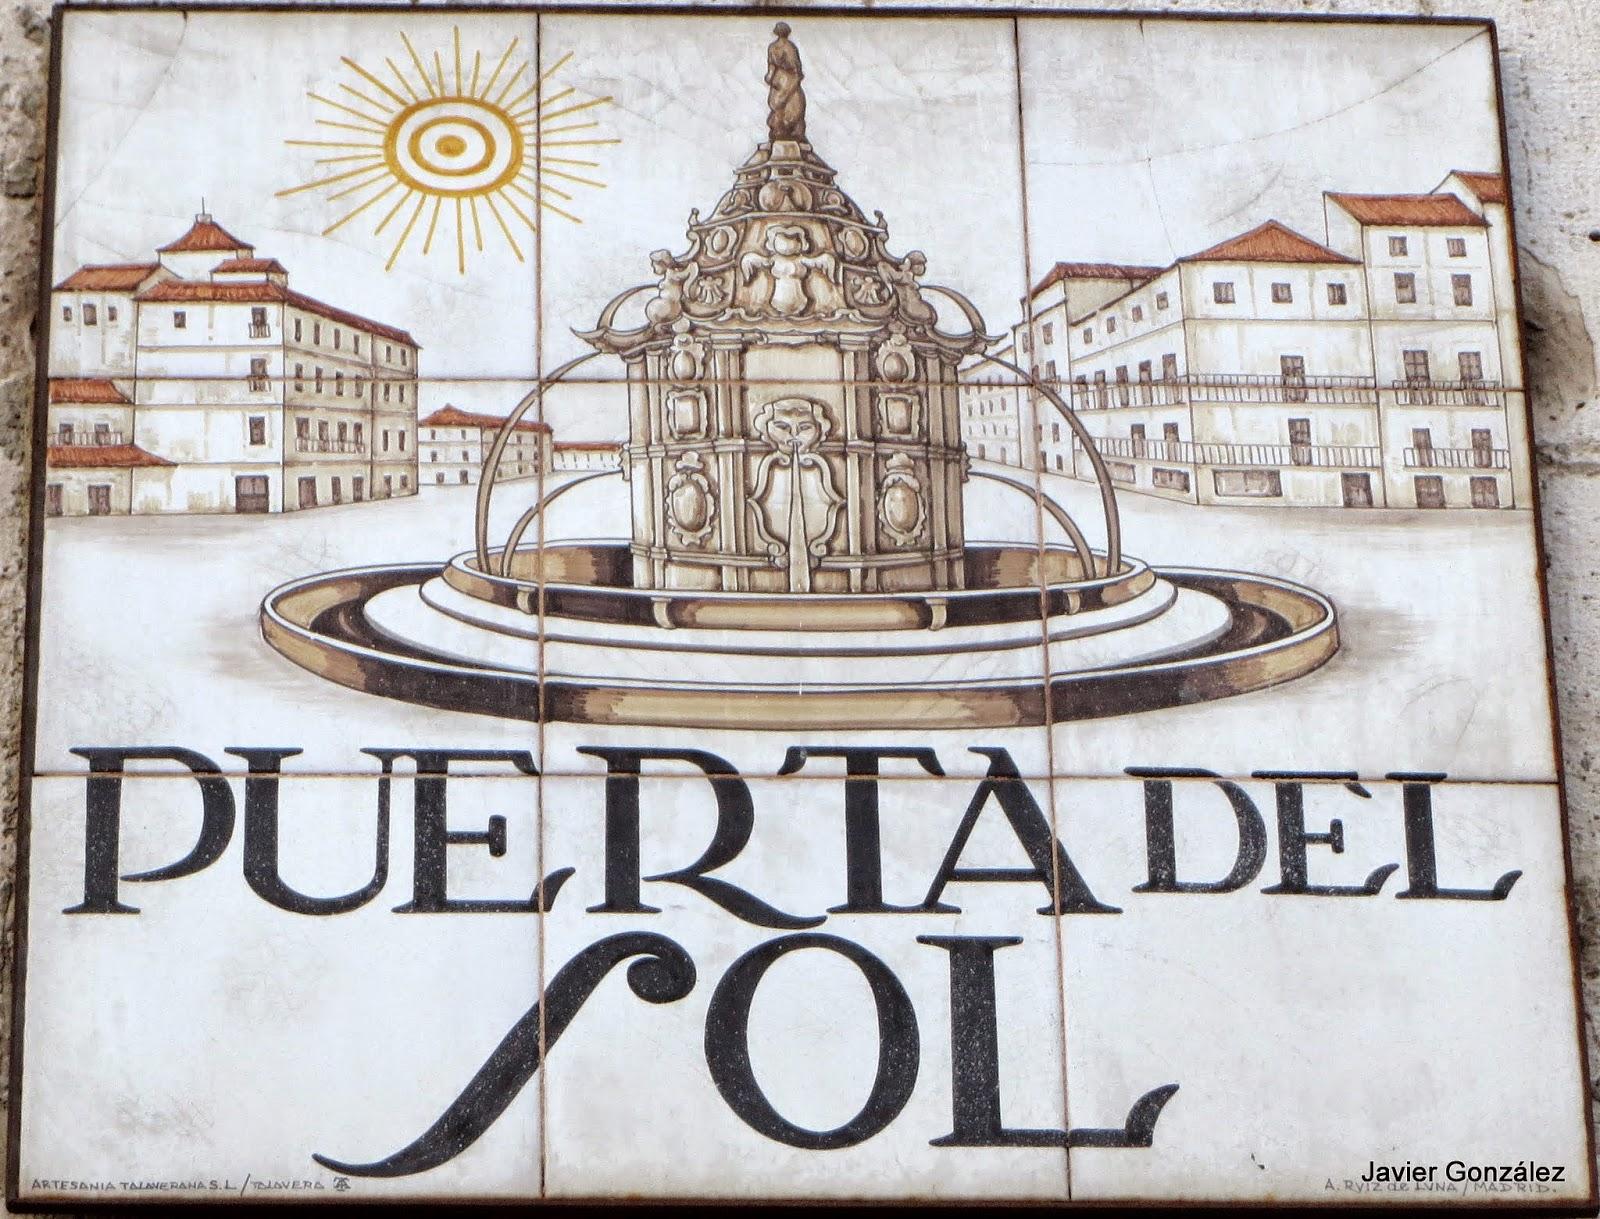 Puerta del Sol. Madrid